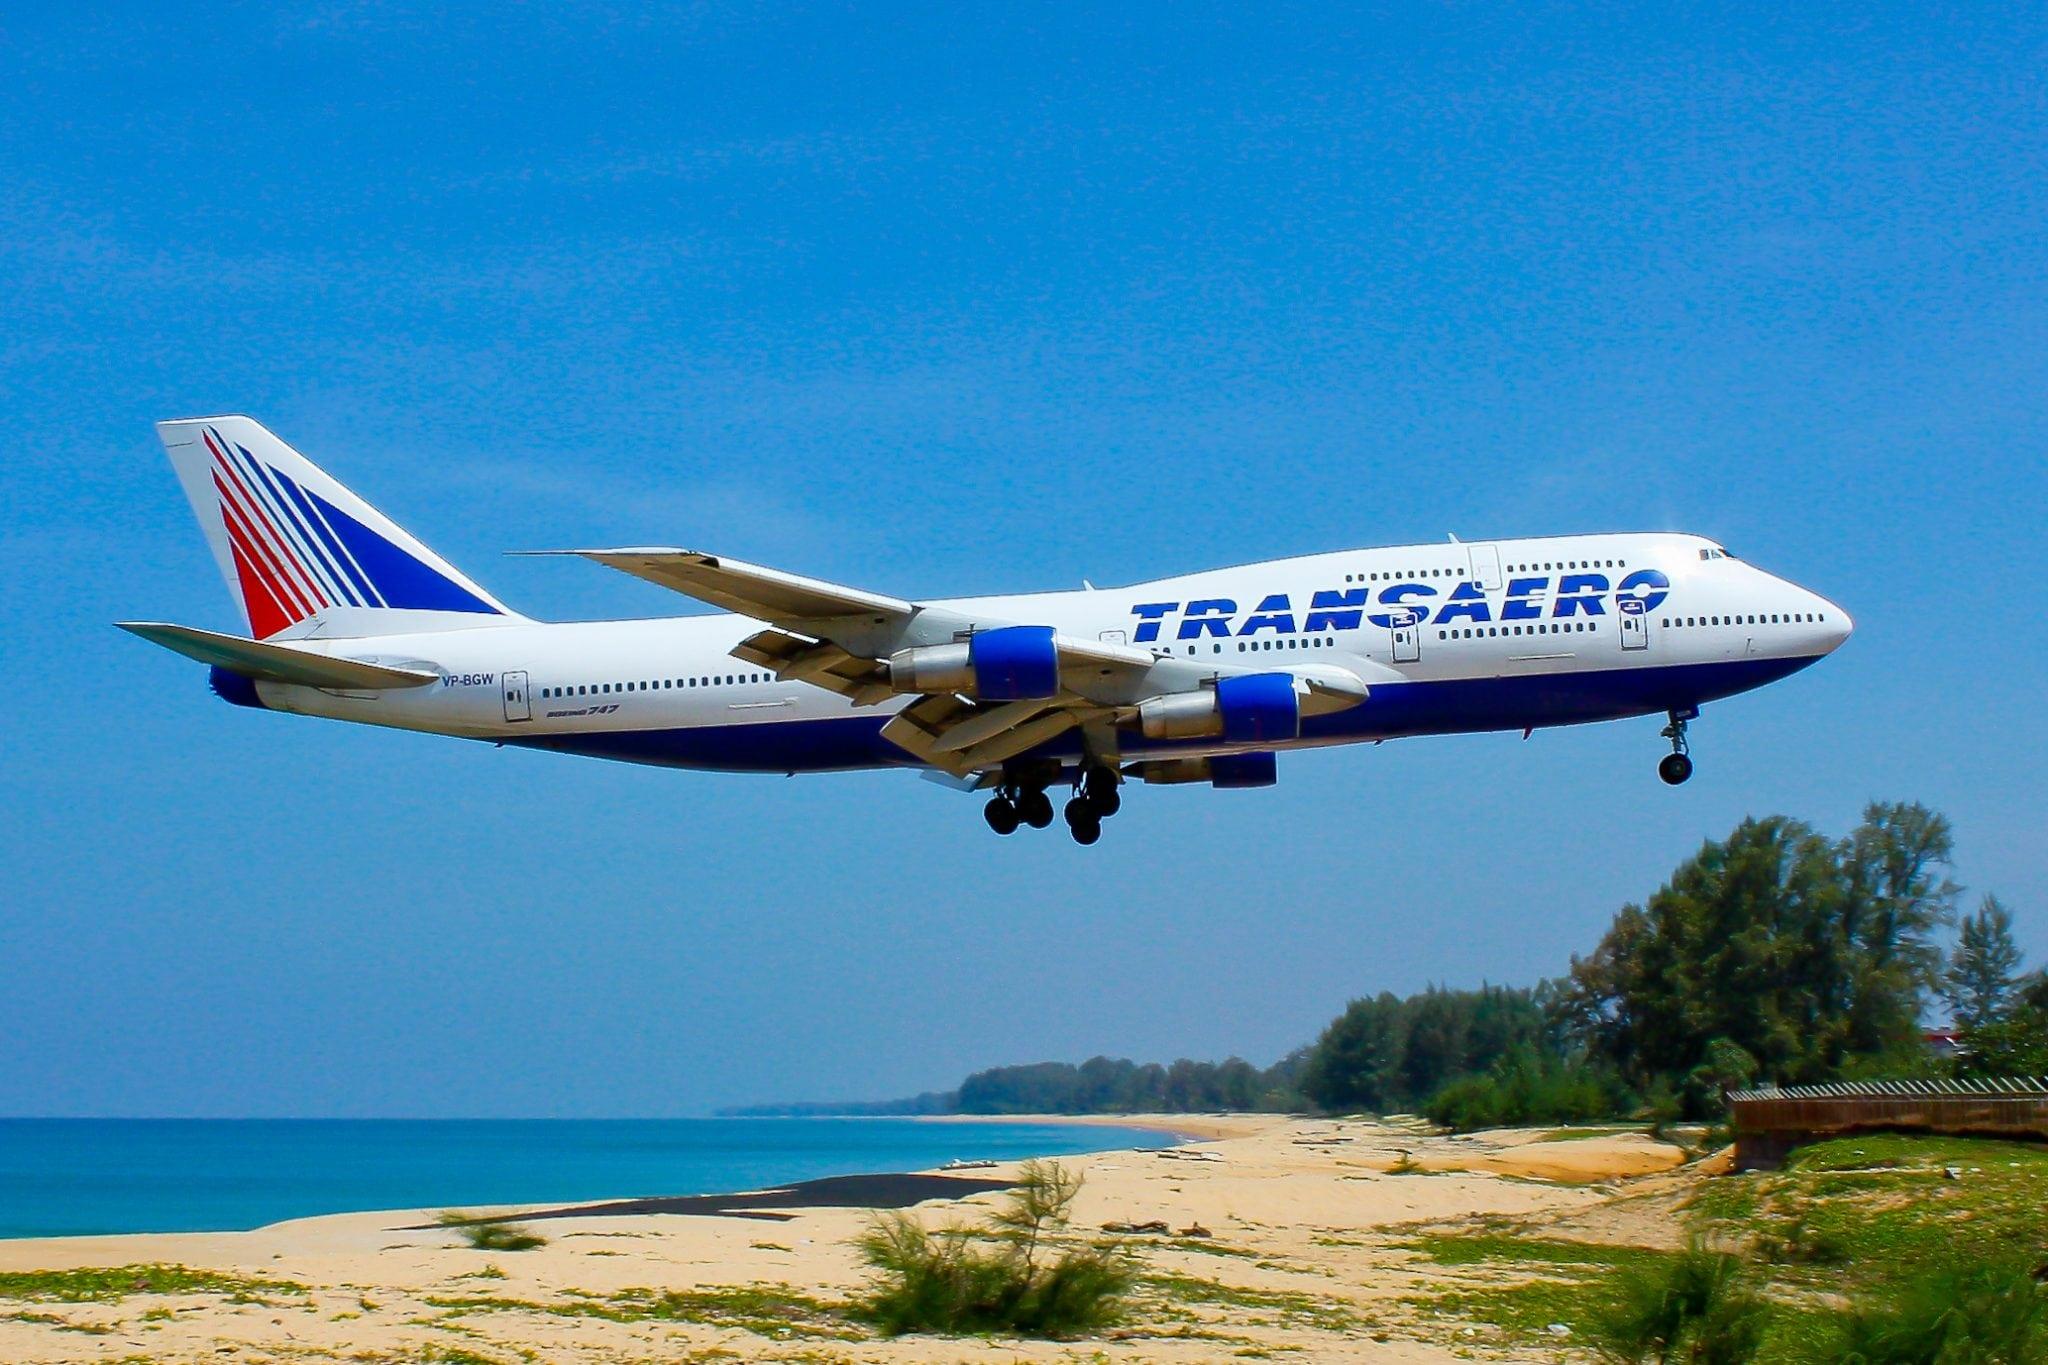 A Transaero Airlines flight